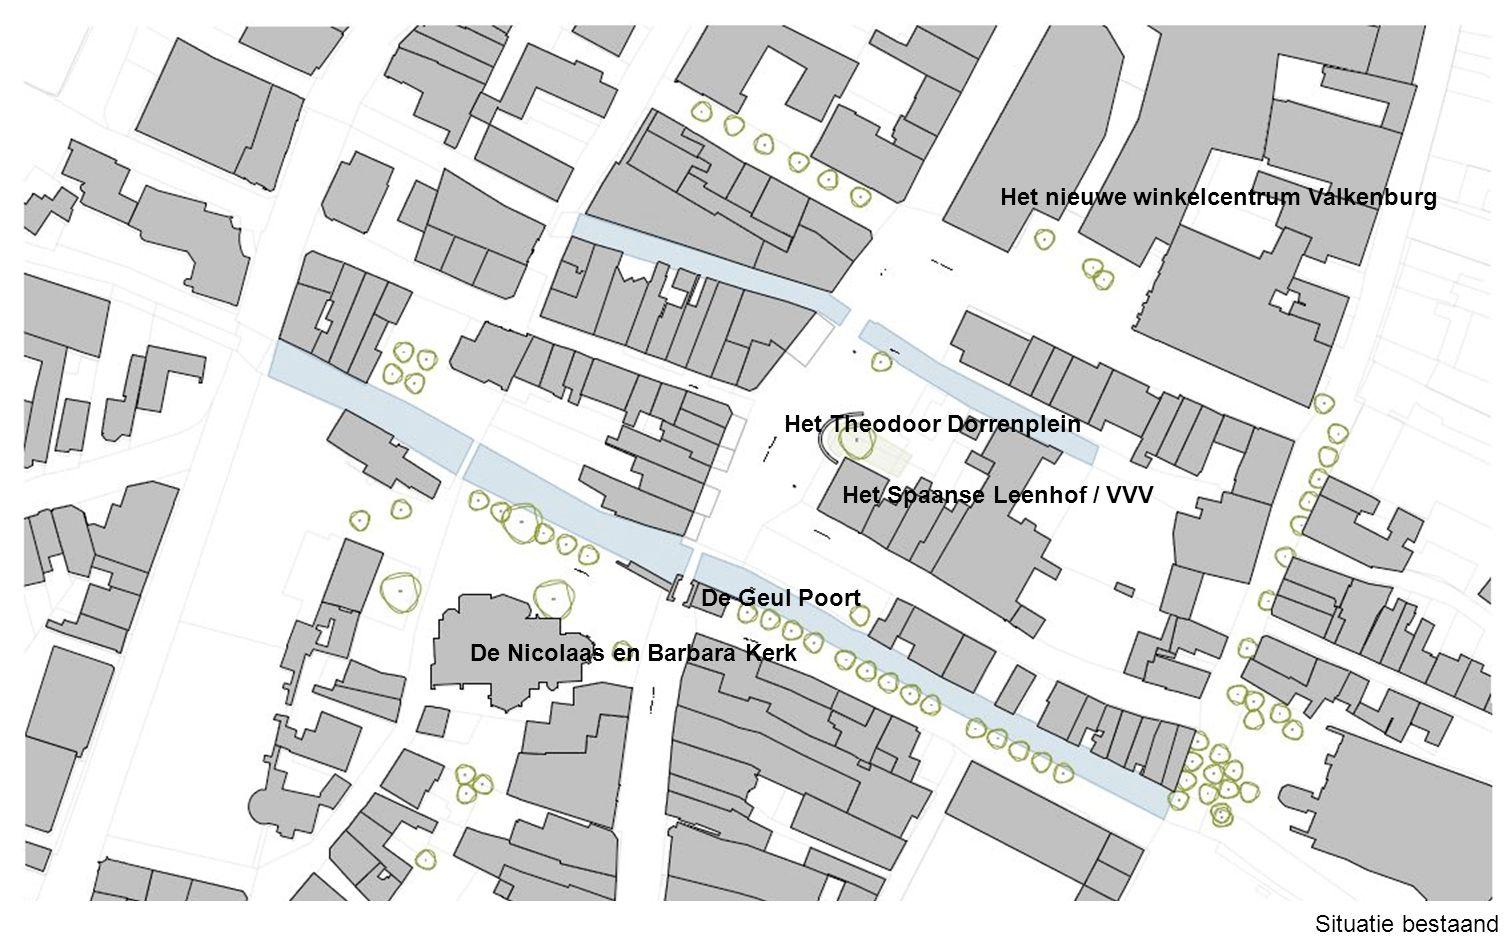 Het nieuwe winkelcentrum Valkenburg